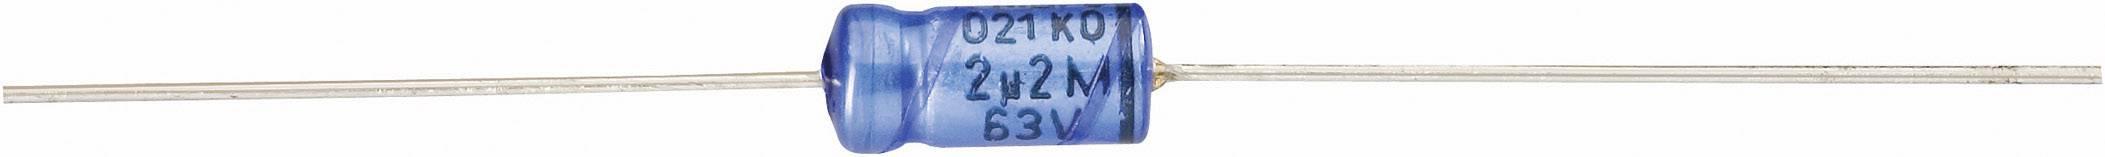 Elektrolytický kondenzátor Vishay 2222 021 36471, axiálne vývody, 470 µF, 25 V, 20 %, 1 ks